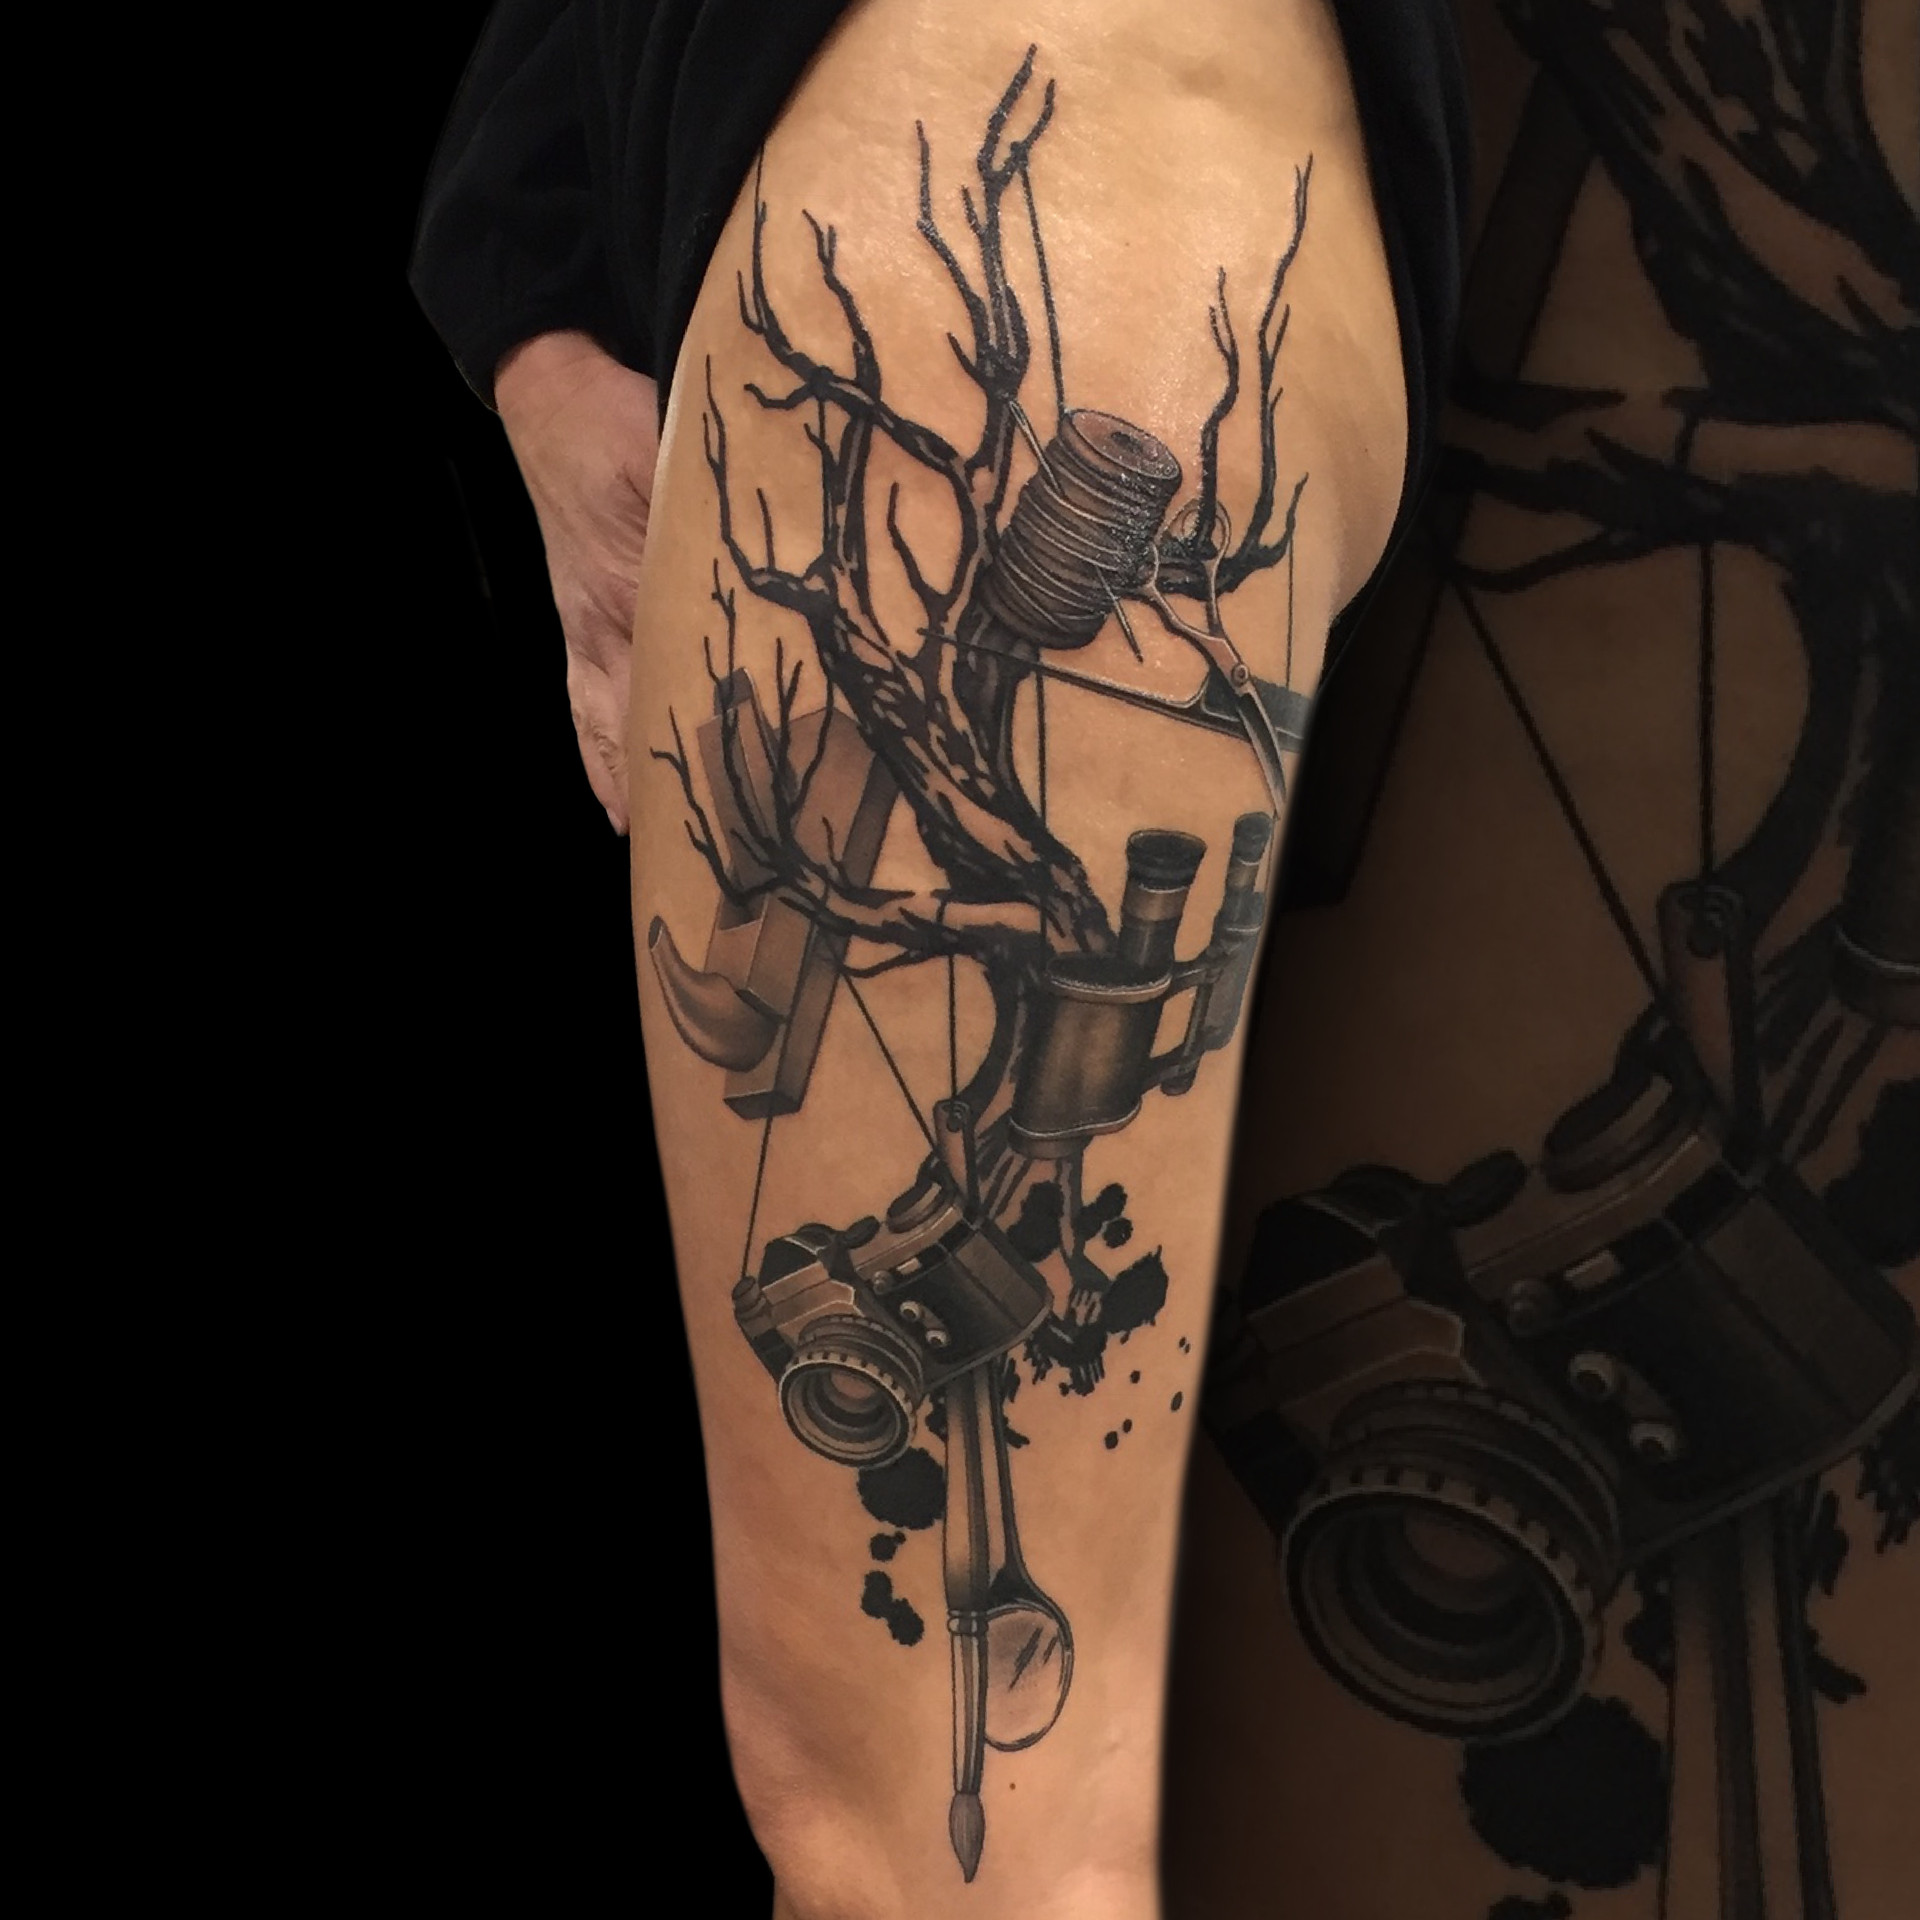 Chris_Hautundliebe_Tattoo_Stammbaum.jpg